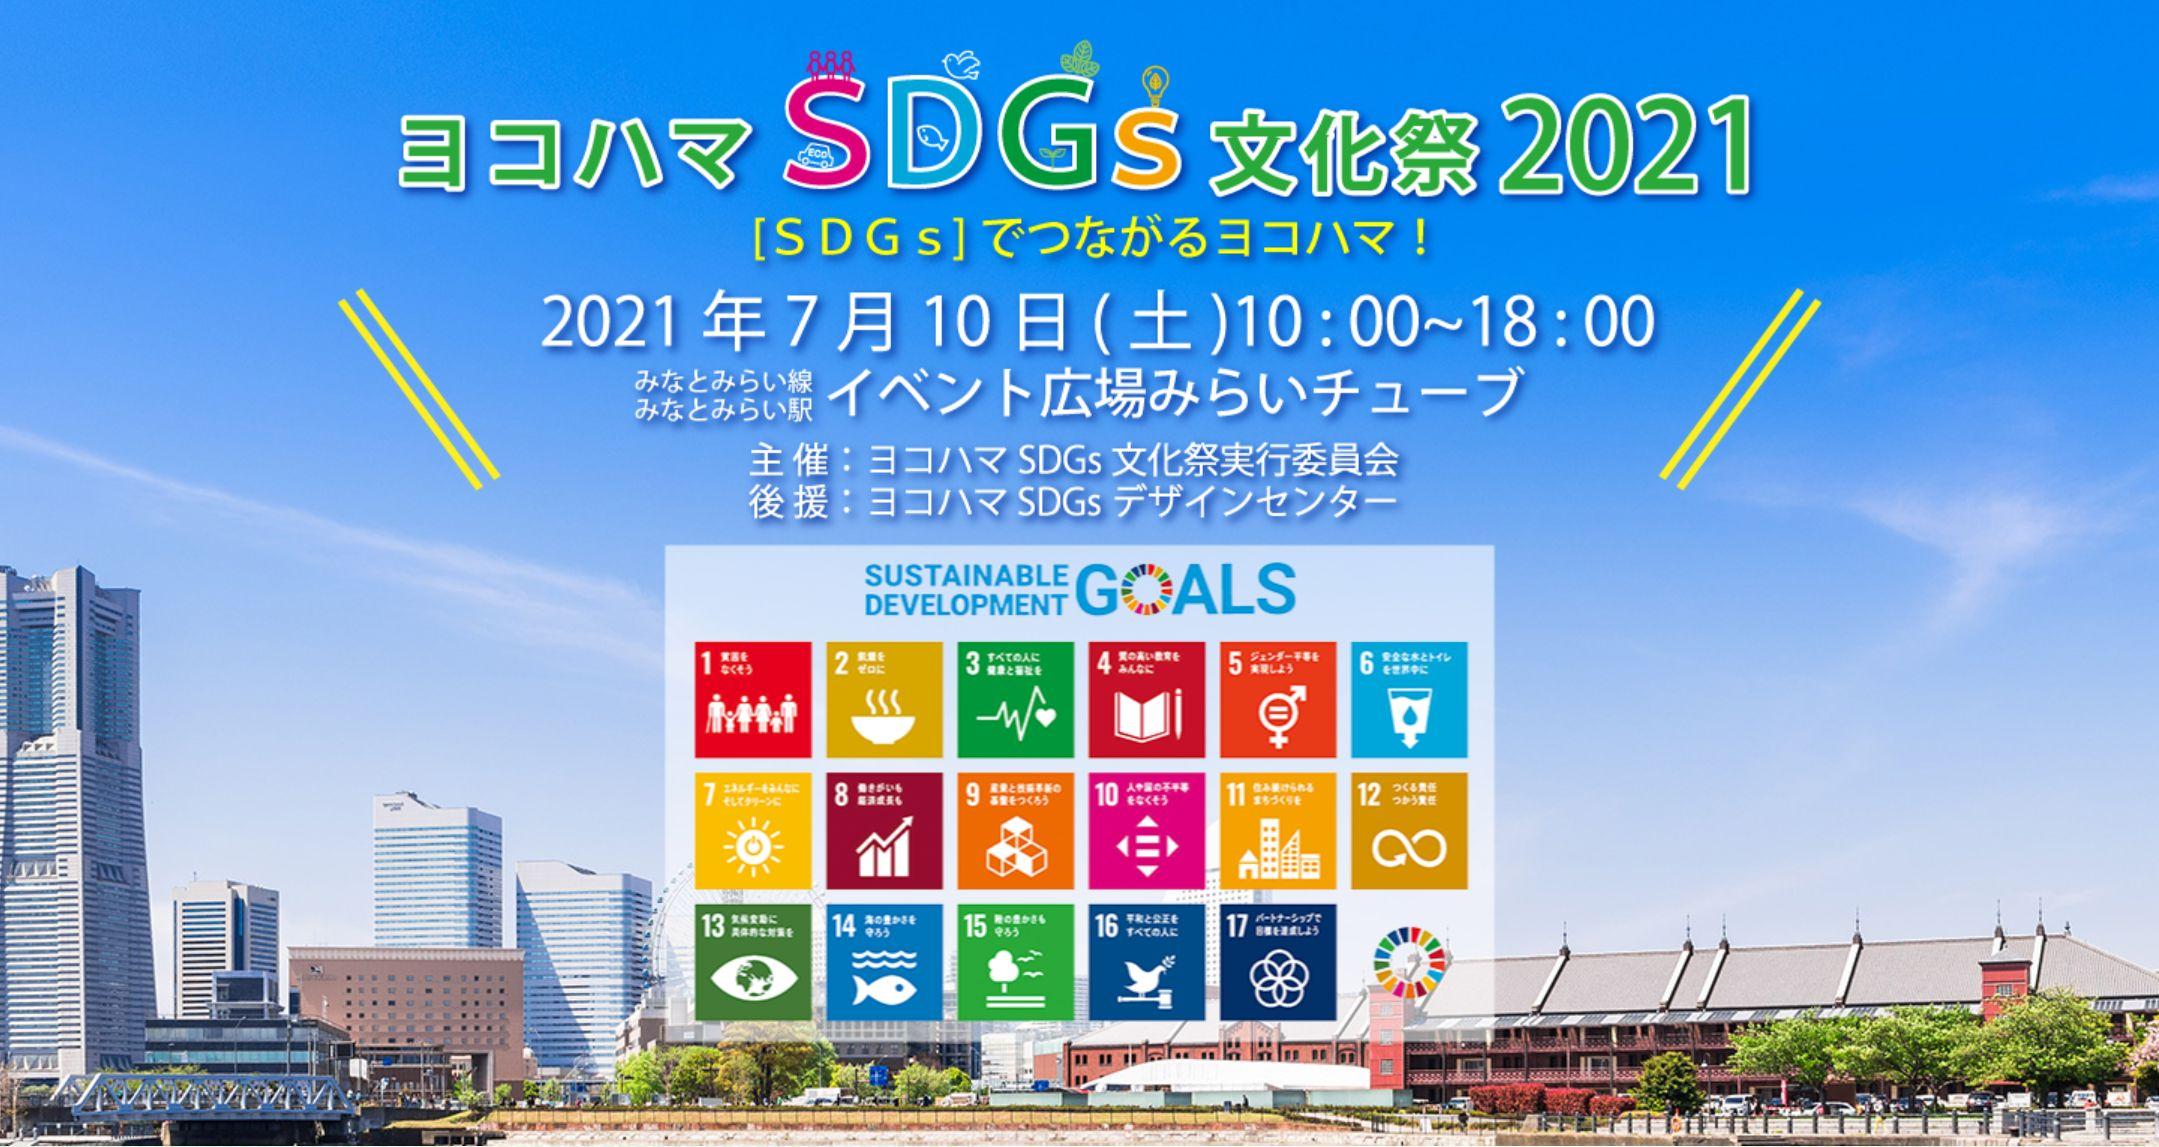 【イベントレポート】ヨコハマSDGs文化祭2021に出展しました!